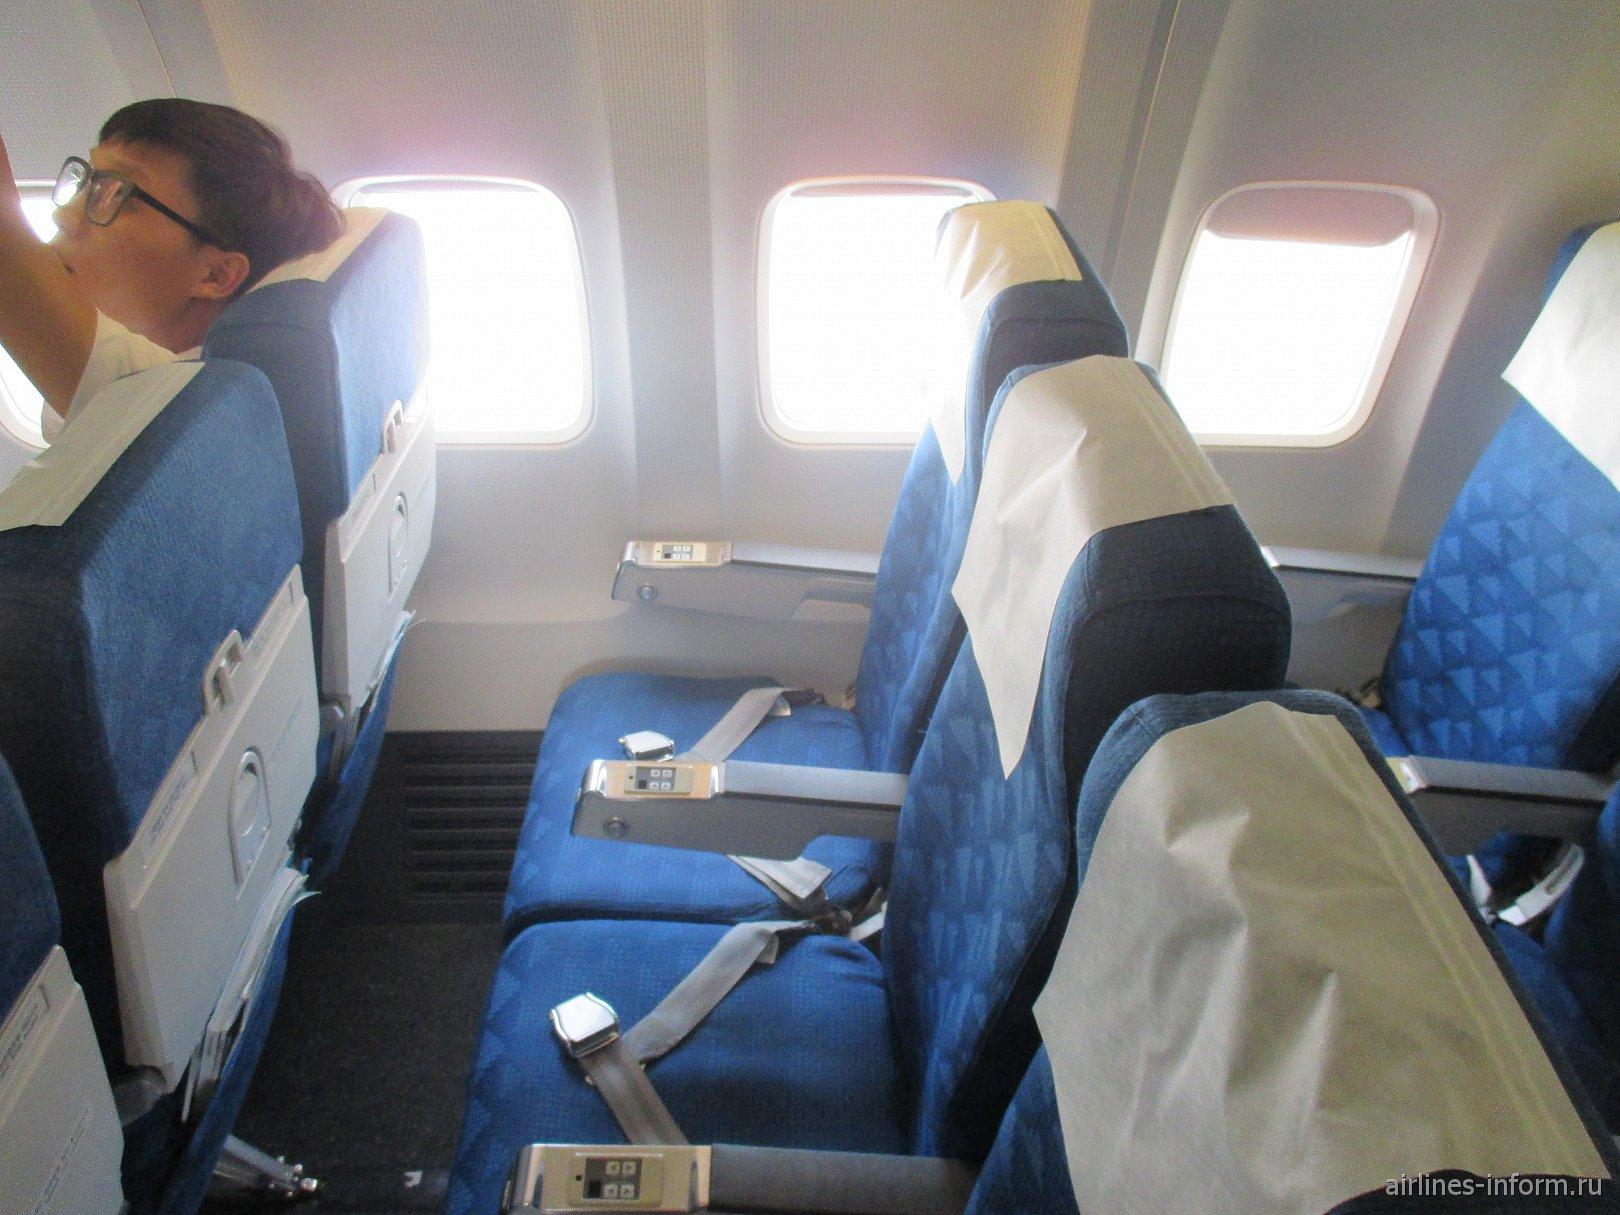 Пассажирские кресла в самолете Боинг-737-900 авиакомпании Korean Air